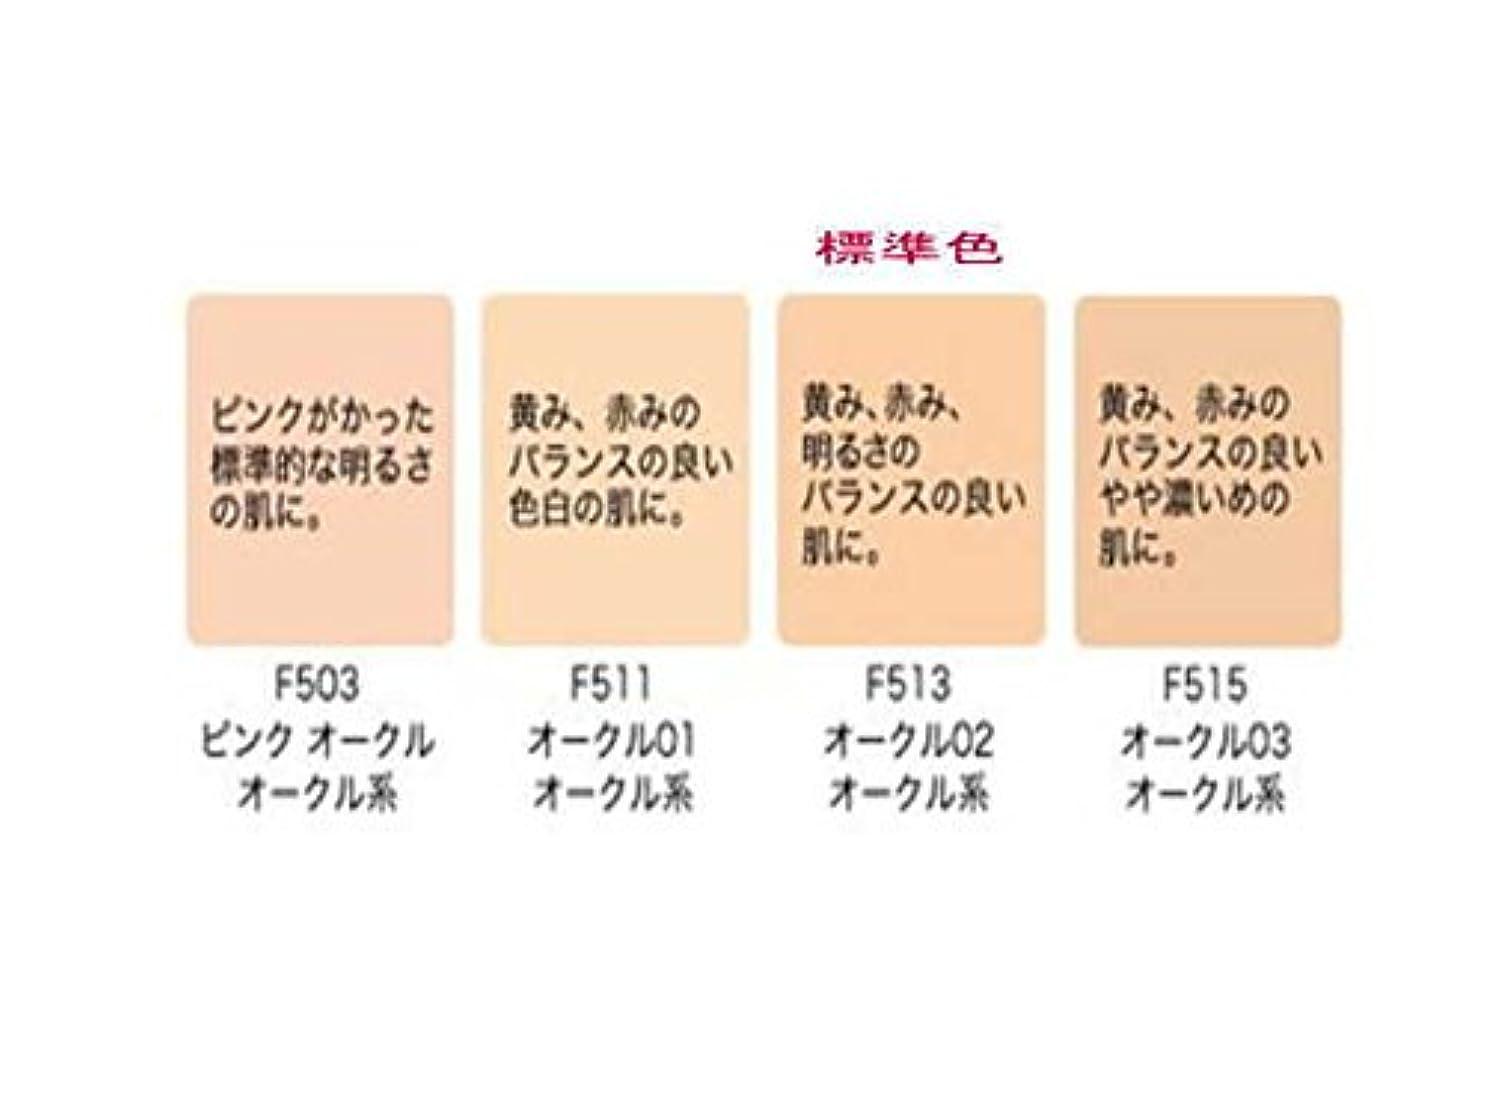 トラップ残りその結果エイボン 新アクティア UV パウダーファンデーション(デュアル)EX (リフィル, F513オークル02)